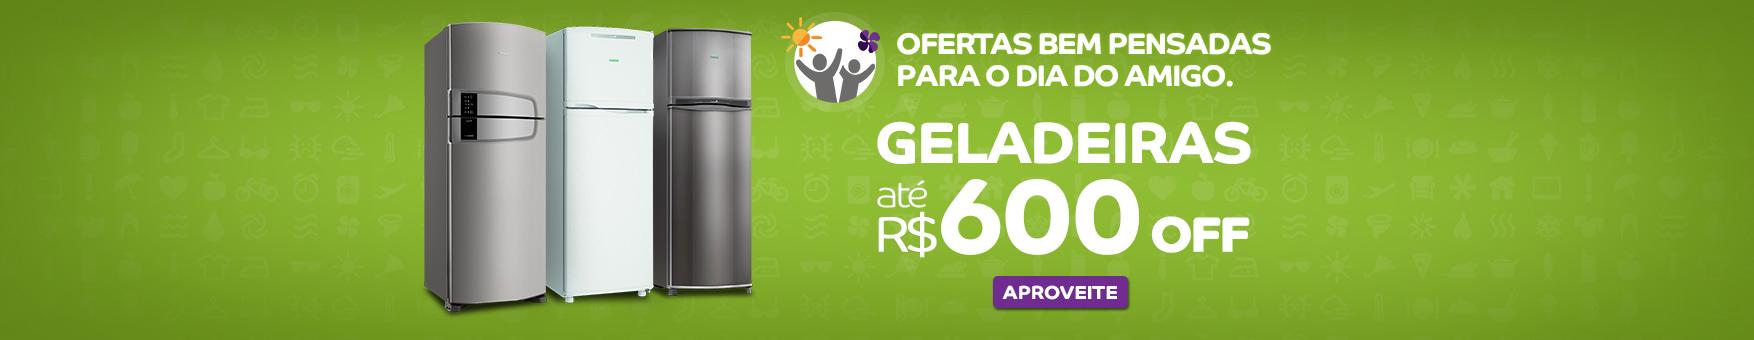 PROGRAMADO DE 17 A 21/04 - DIA DO AMIGO 600 OFF GELADEIRAS